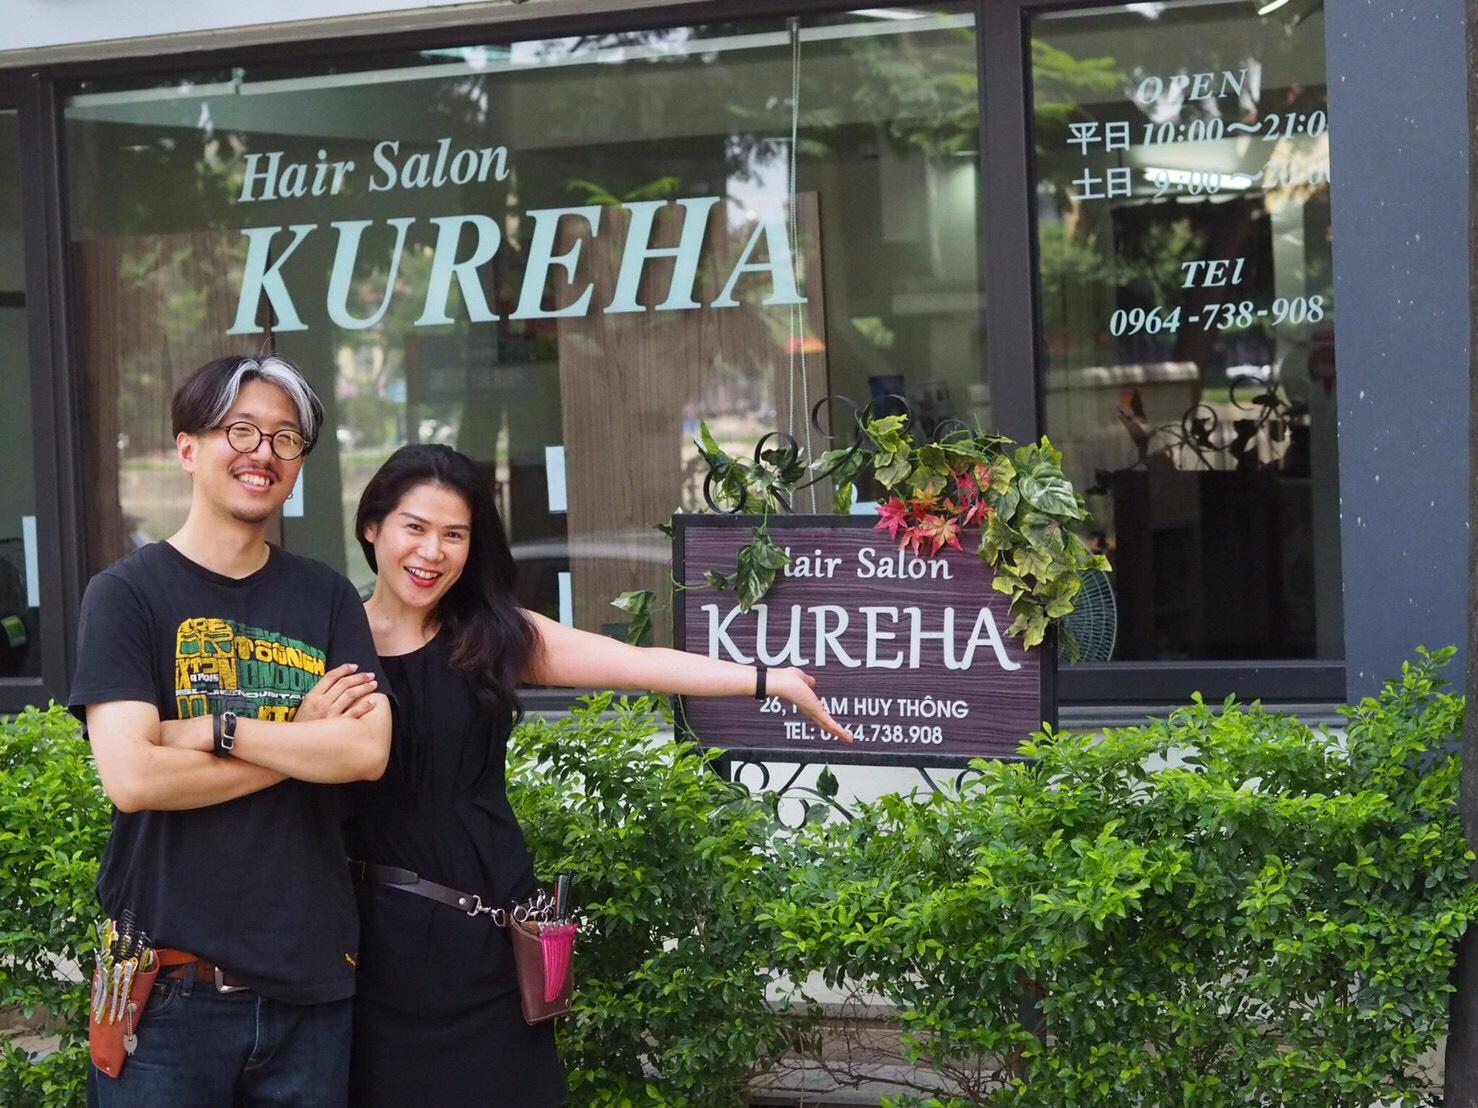 ハノイの日系美容室「クレハ(kureha)」